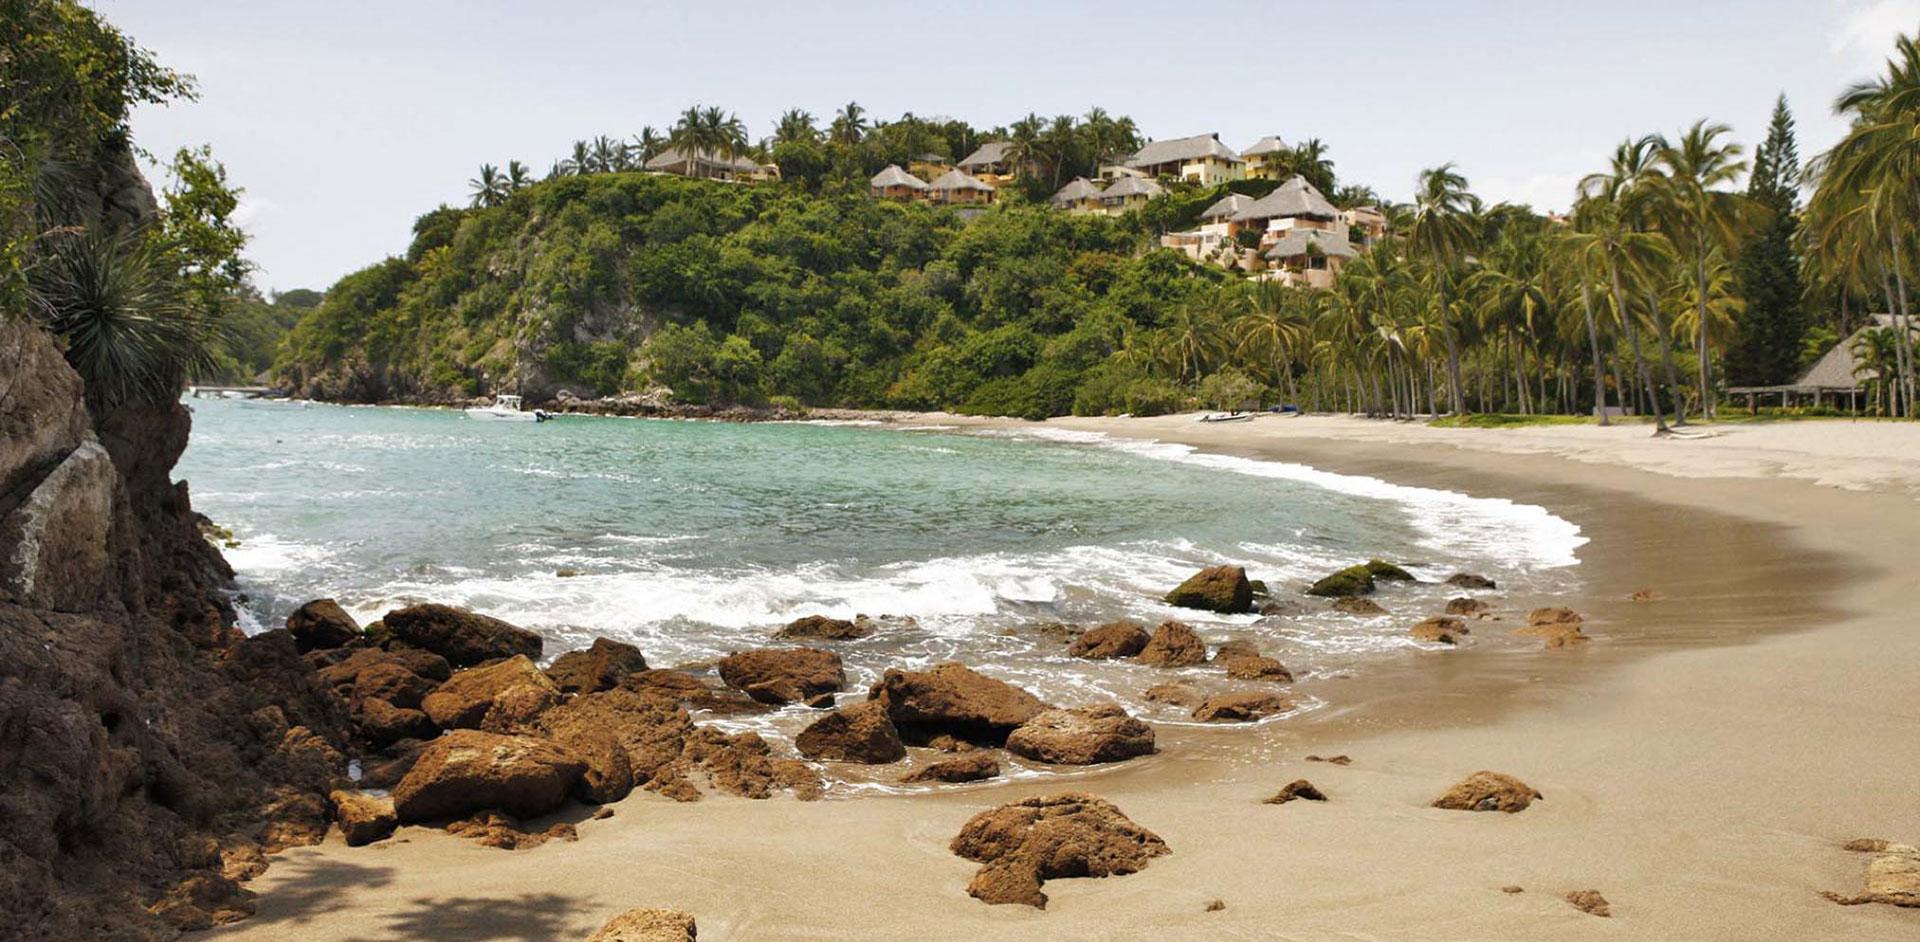 Se trata deuna serie de diferentes playas, cabos y bahías de todos los tamaños y extensiones distribuidas a lo largo del Océano Pacífico en la costa occidental del estado mexicano de Jalisco